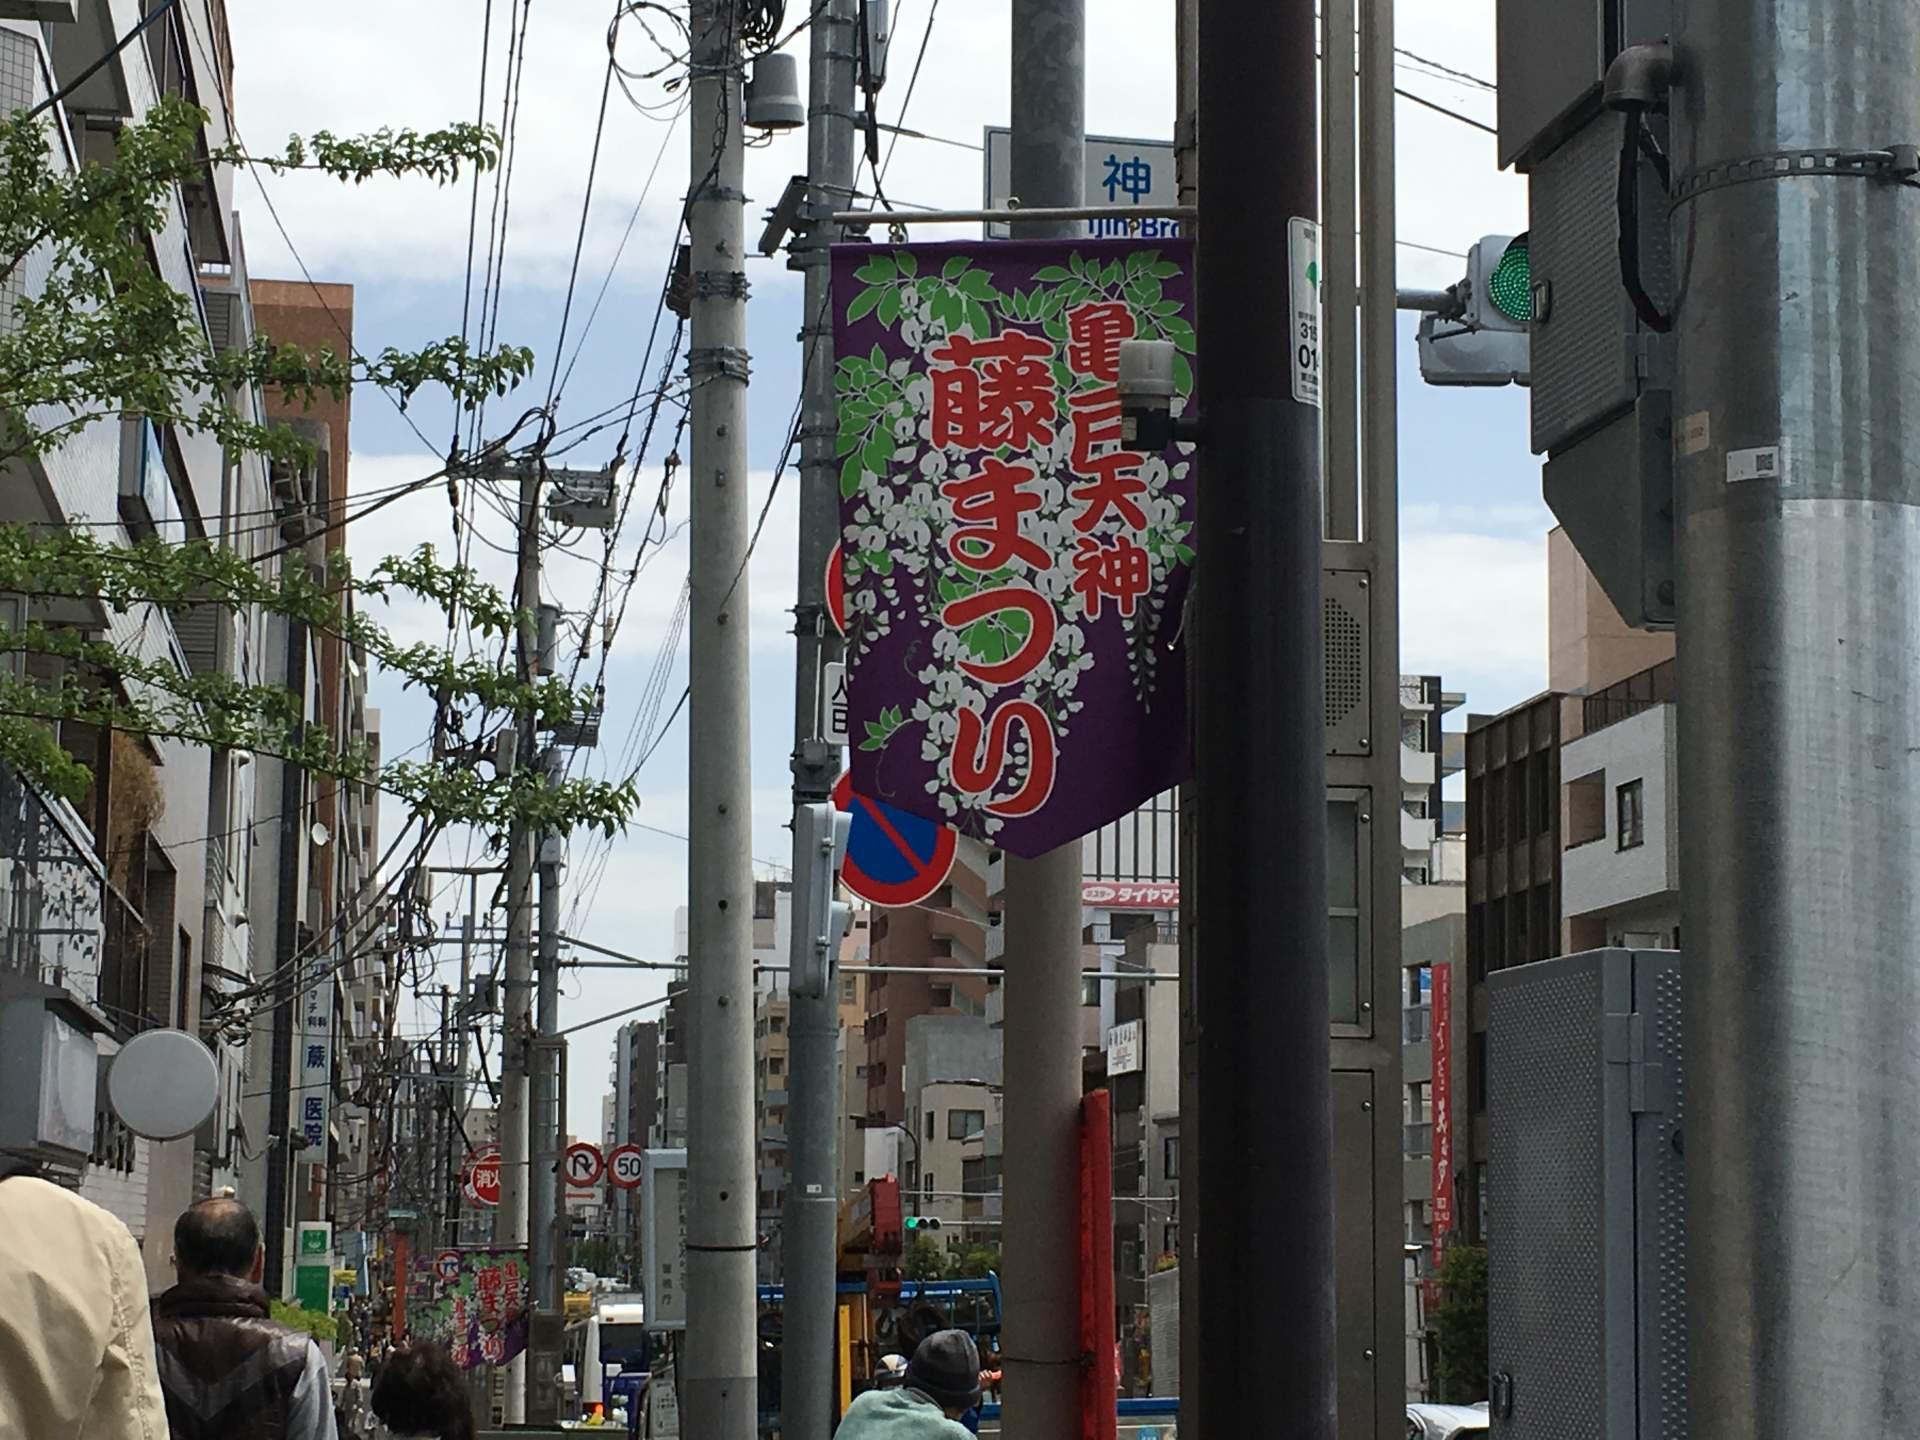 充满东京下町风情的街道